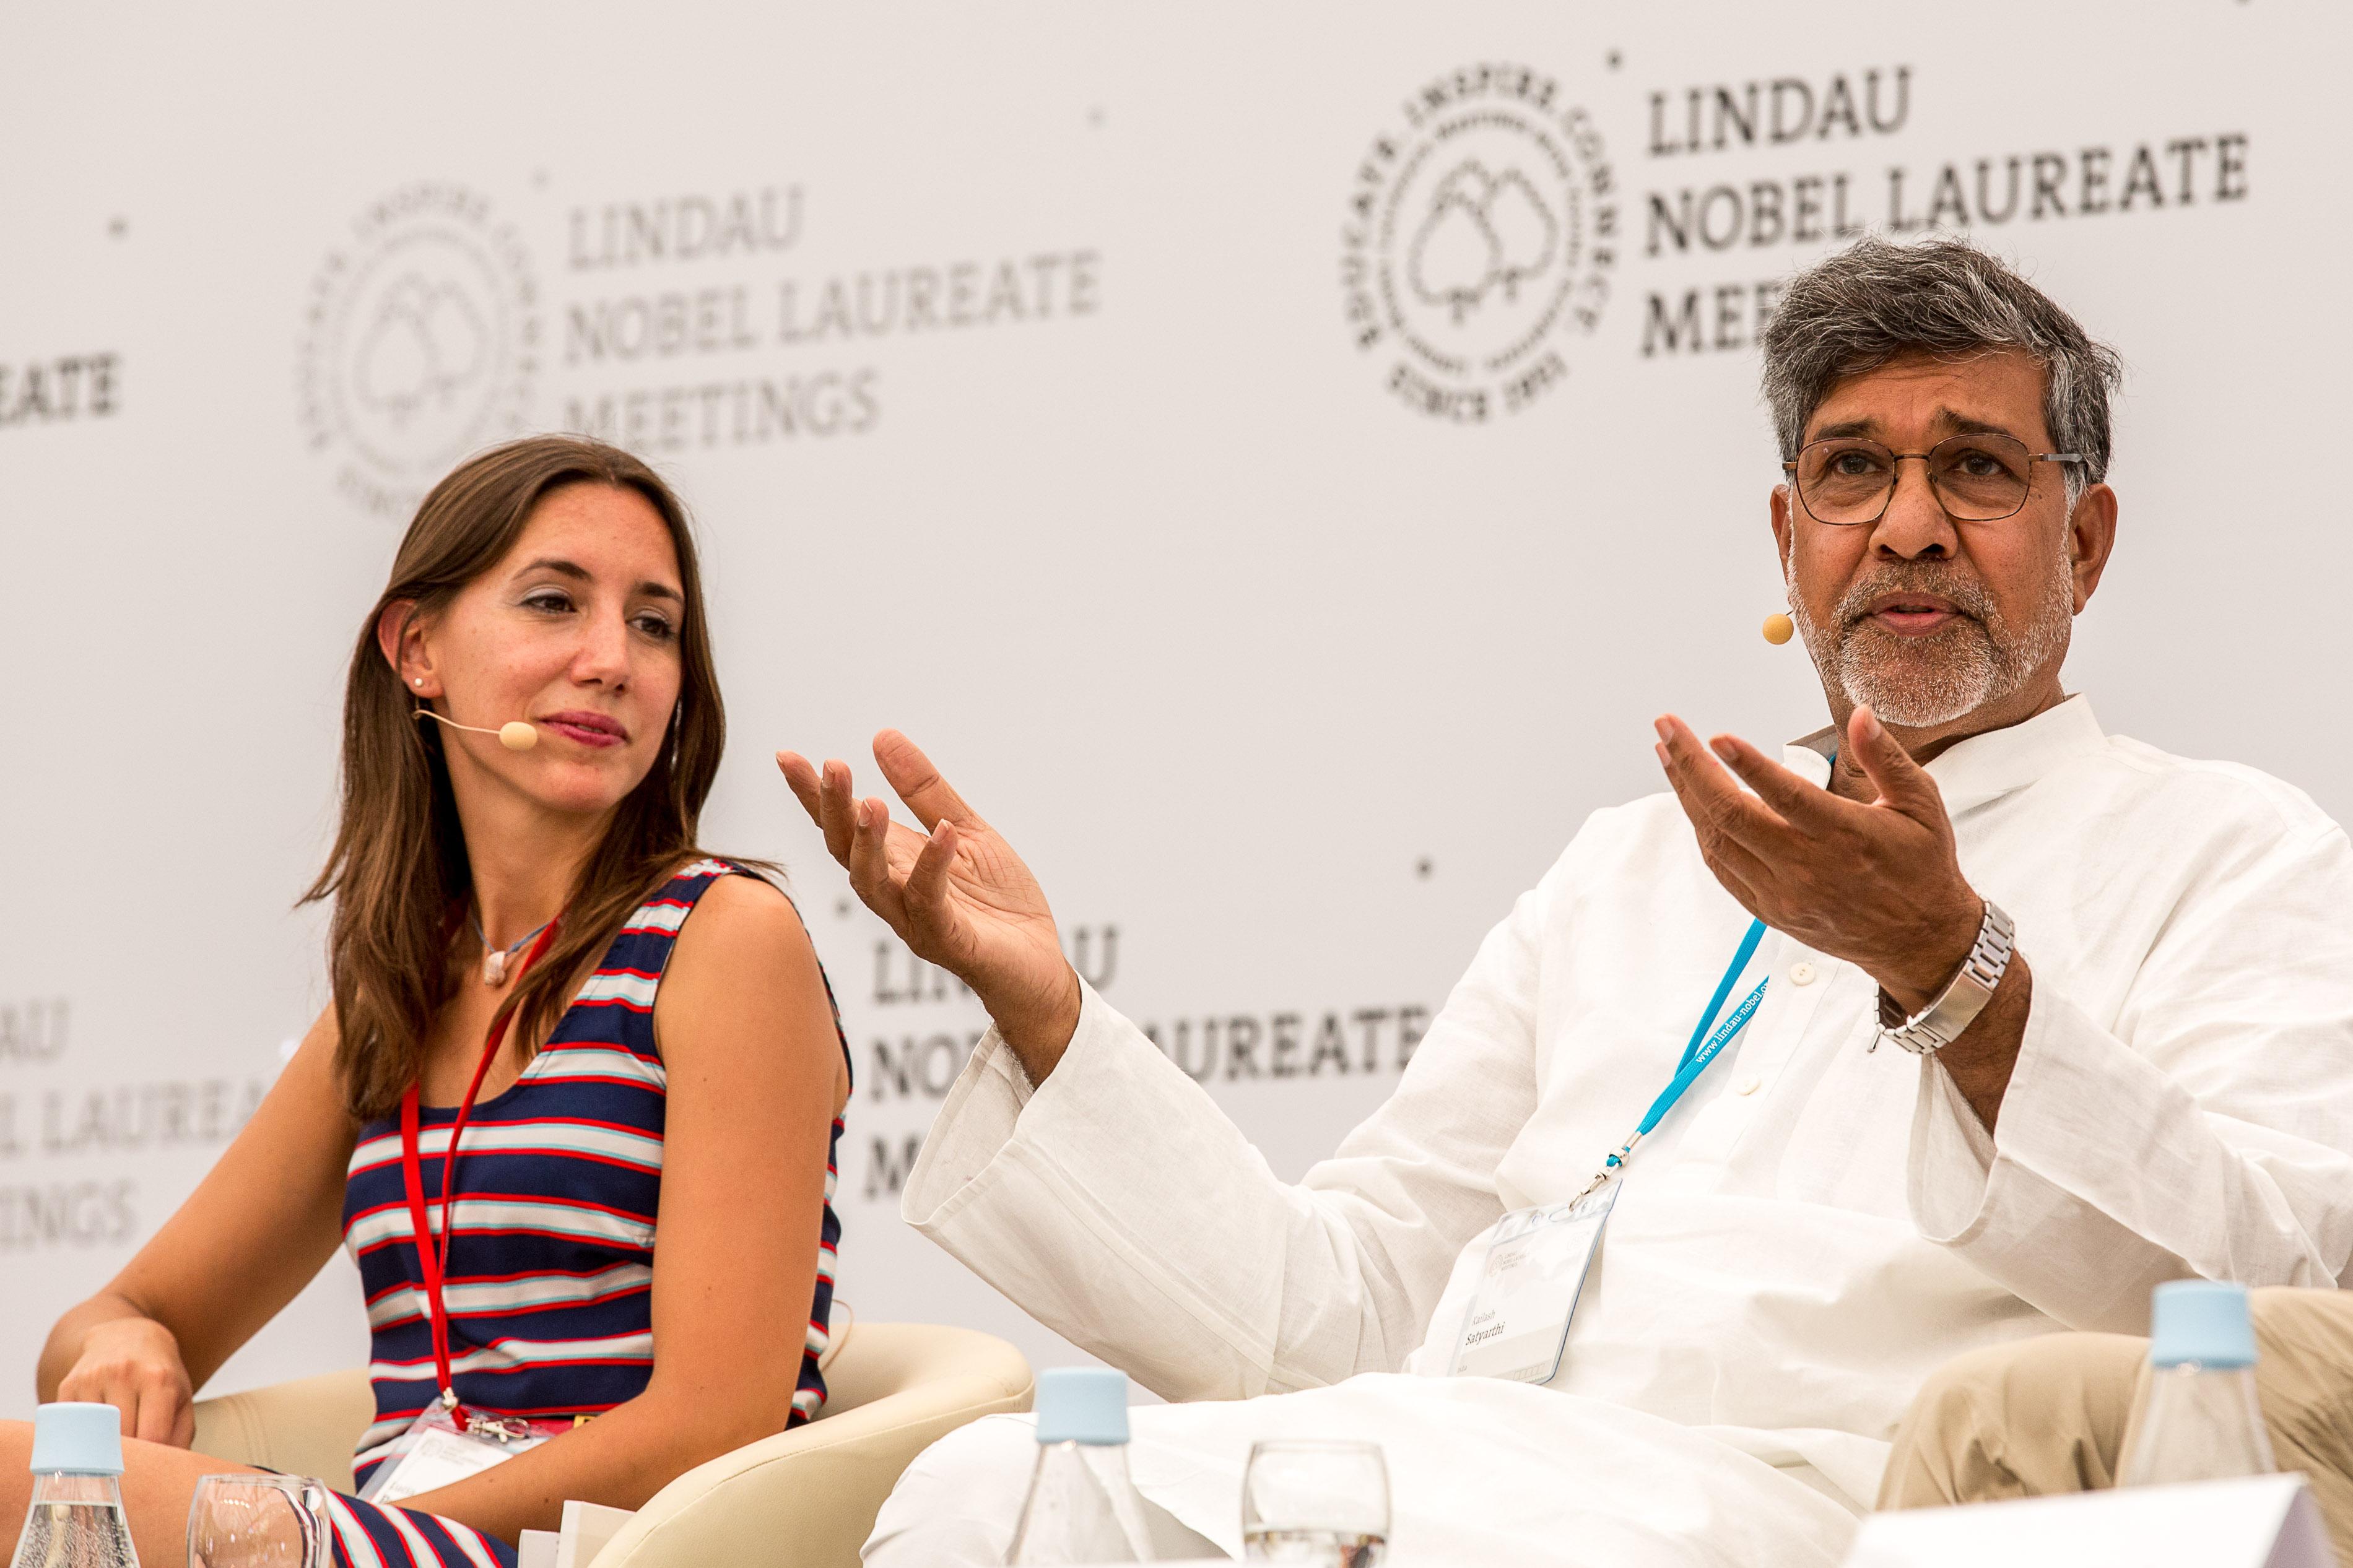 Image: Ch. Flemming/Lindau Nobel Laureate meetings